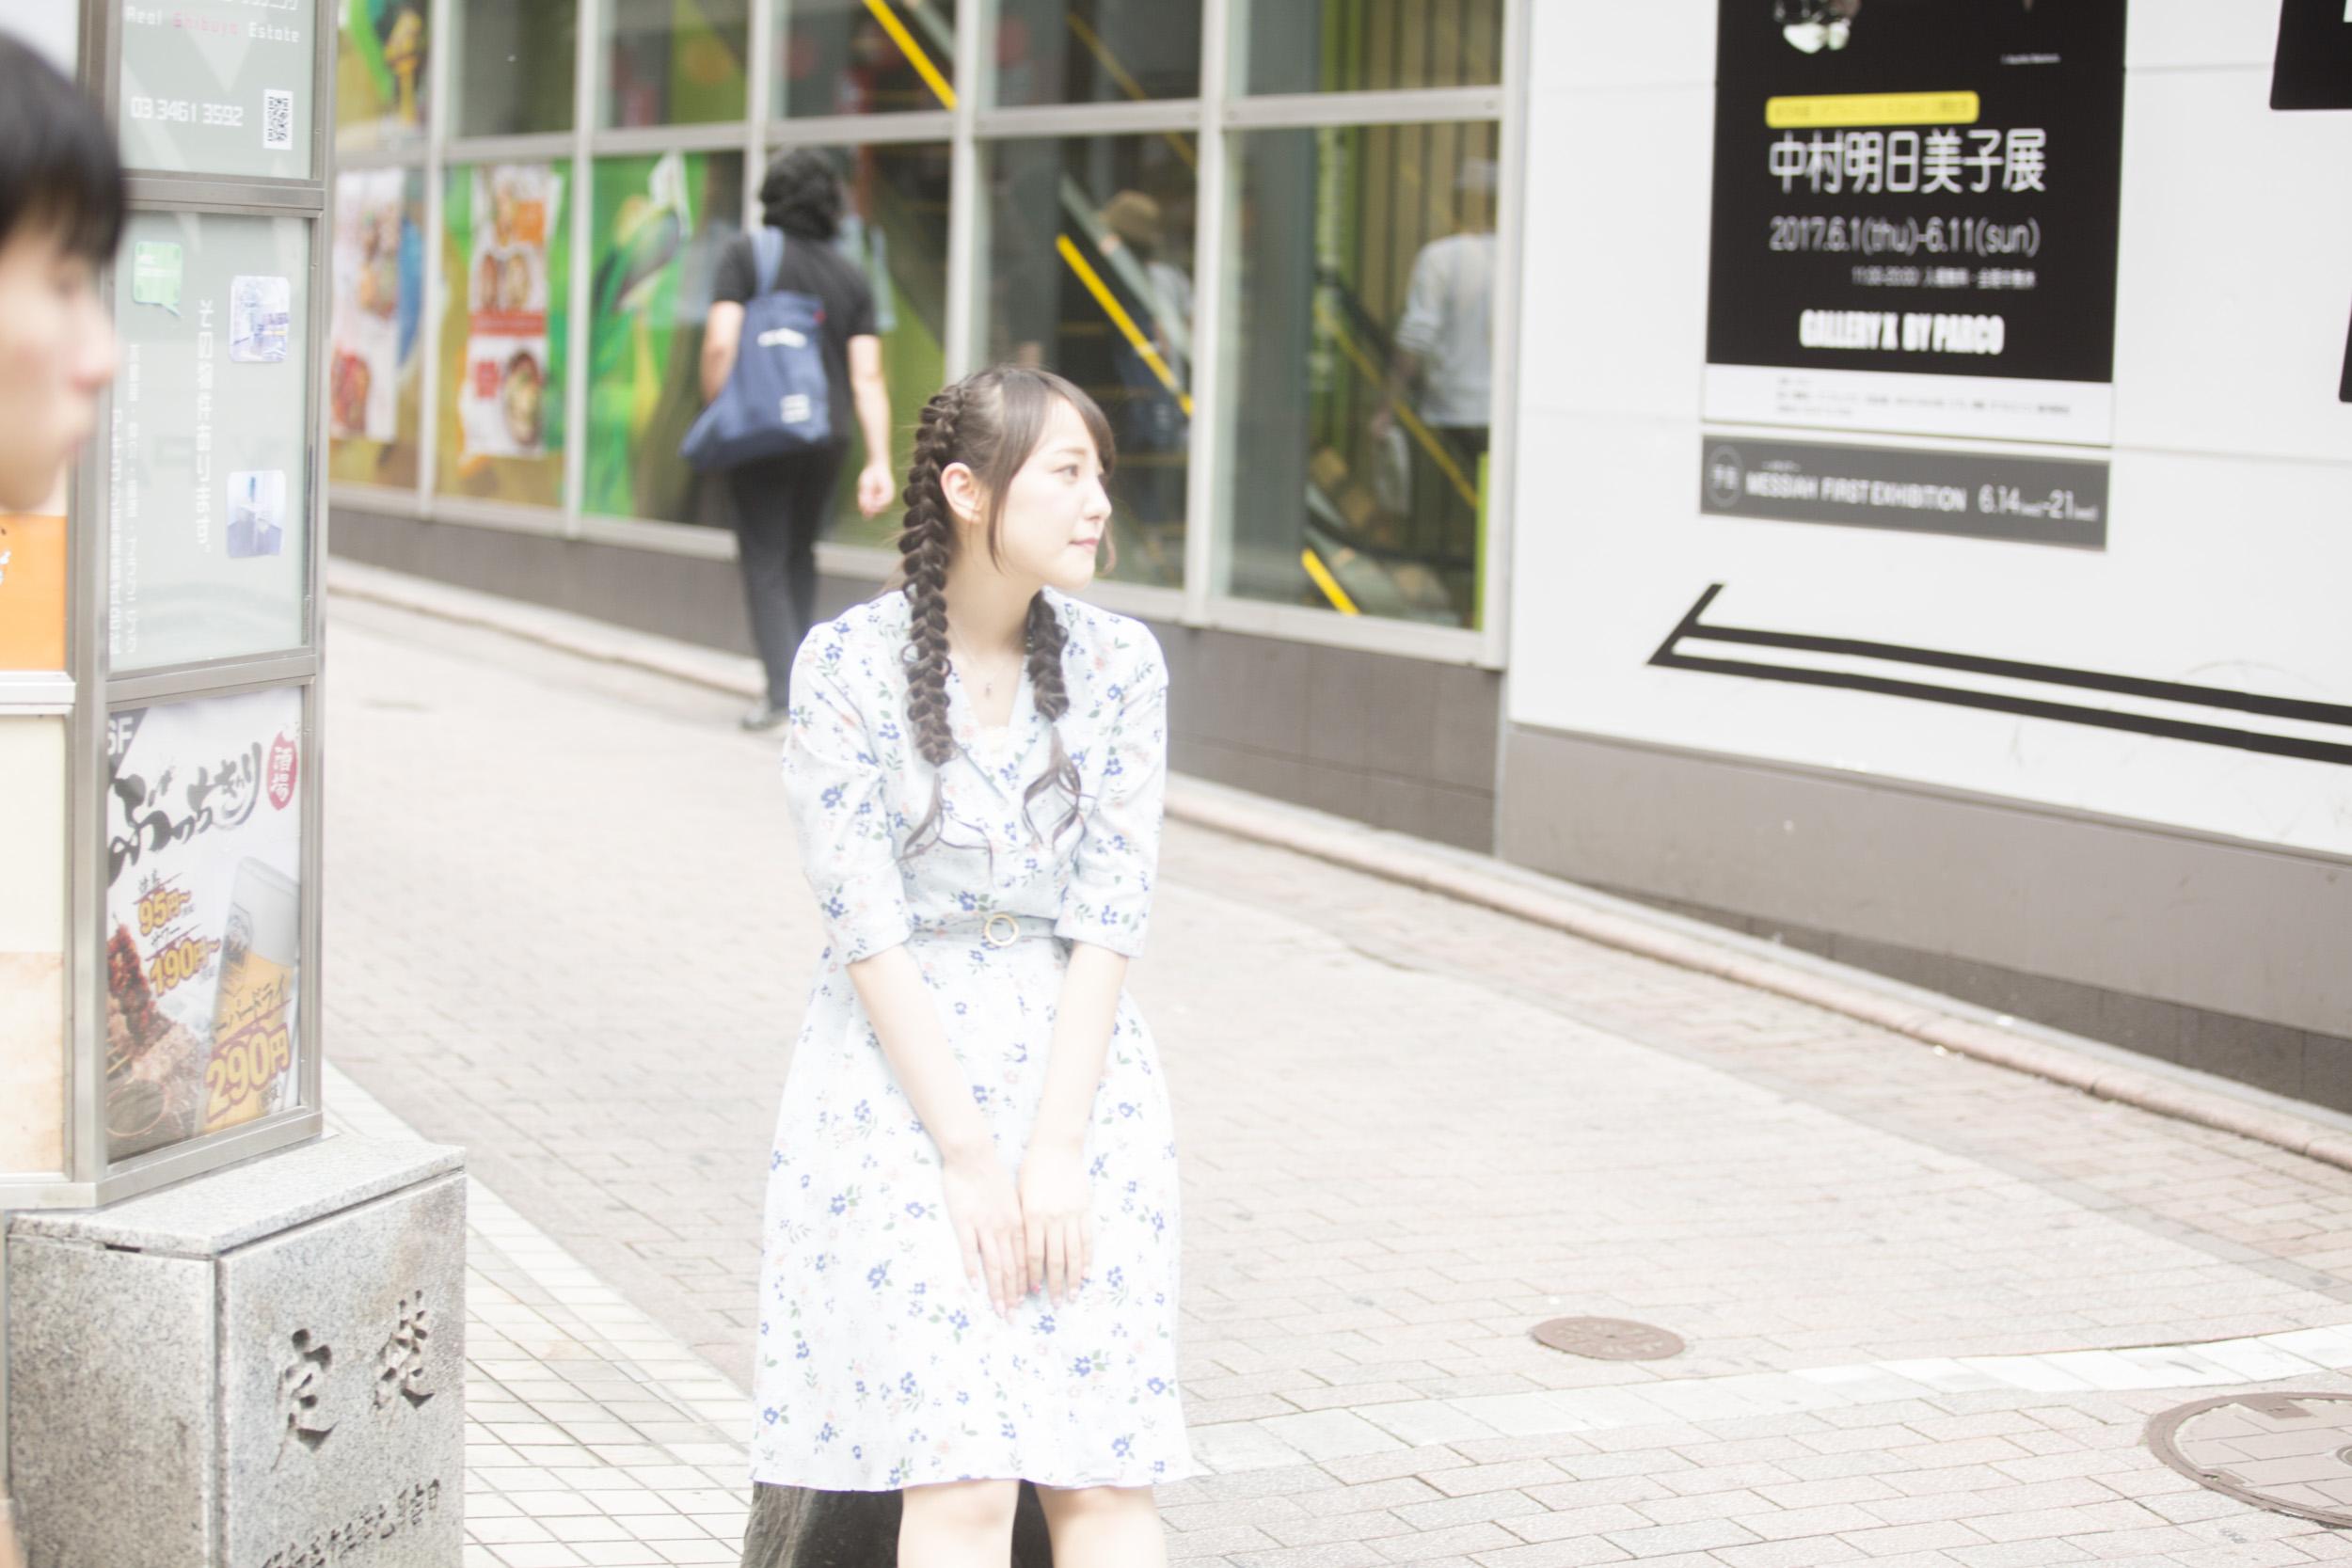 女性声優の胸の膨らみを賛美するスレ 1 [無断転載禁止]©2ch.netYouTube動画>20本 ->画像>3584枚